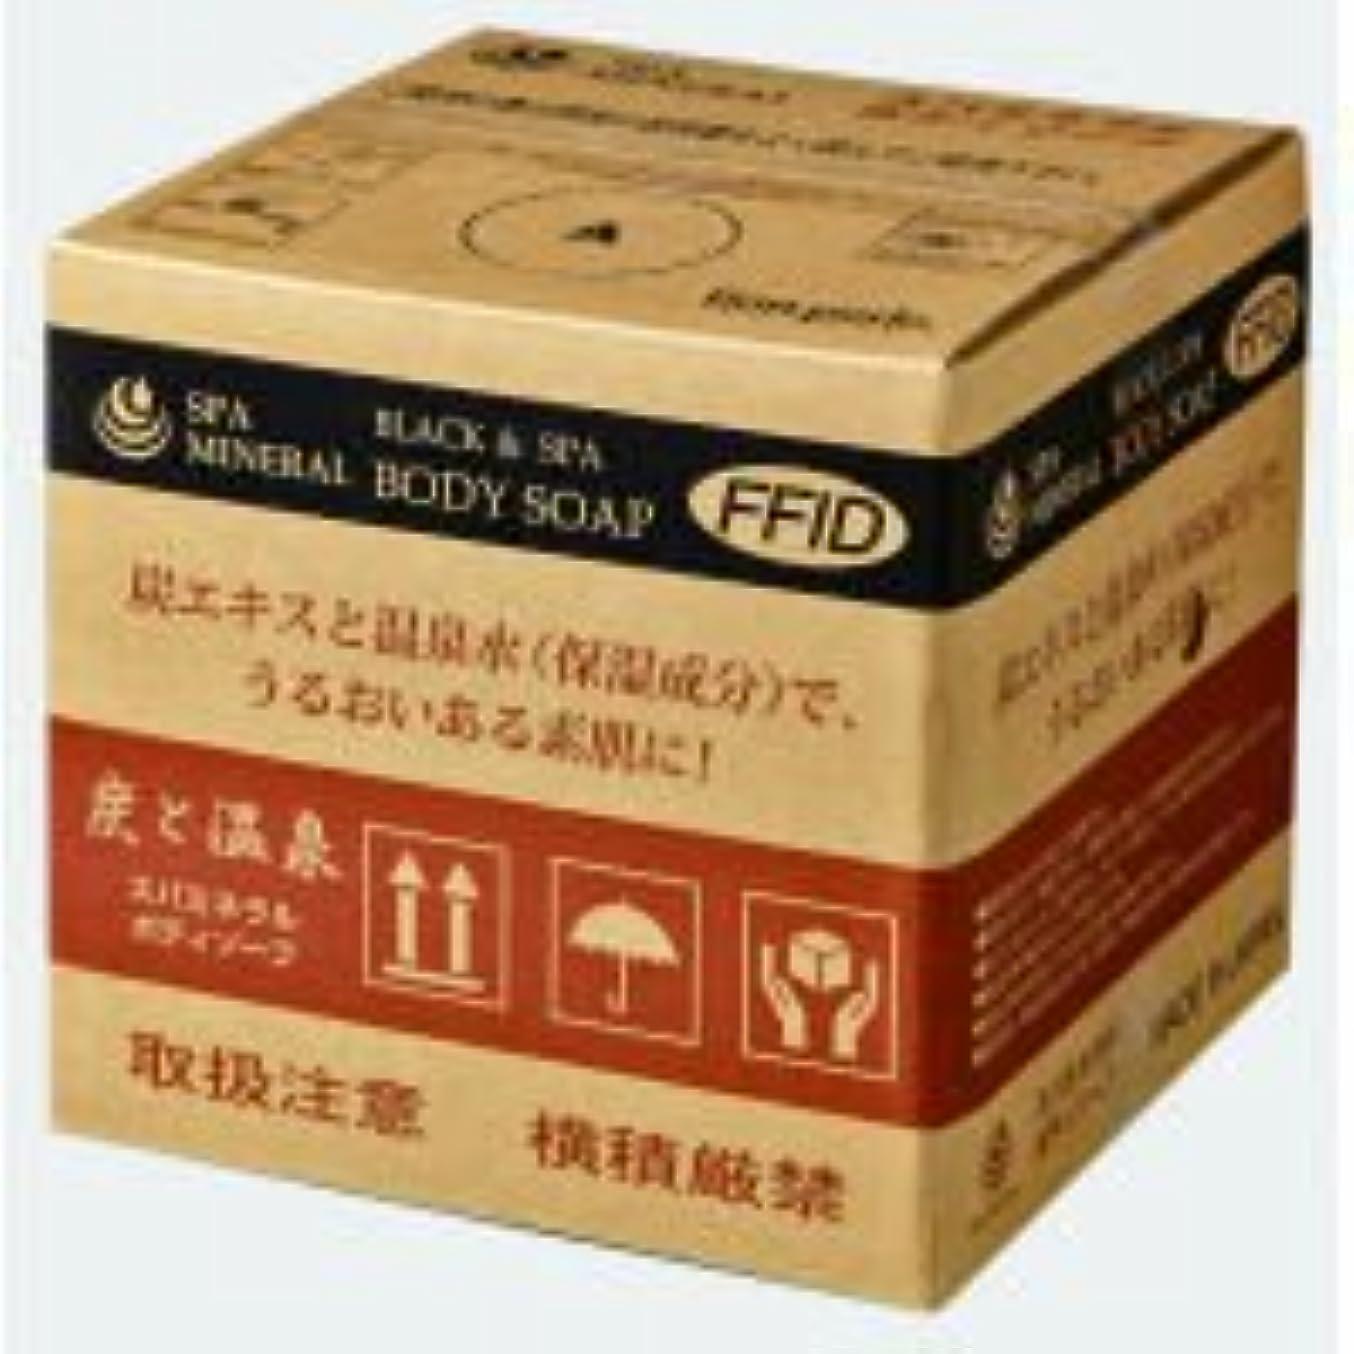 女将じゃがいも小包スパミネラル 炭ボディソープ 20kg 詰替用